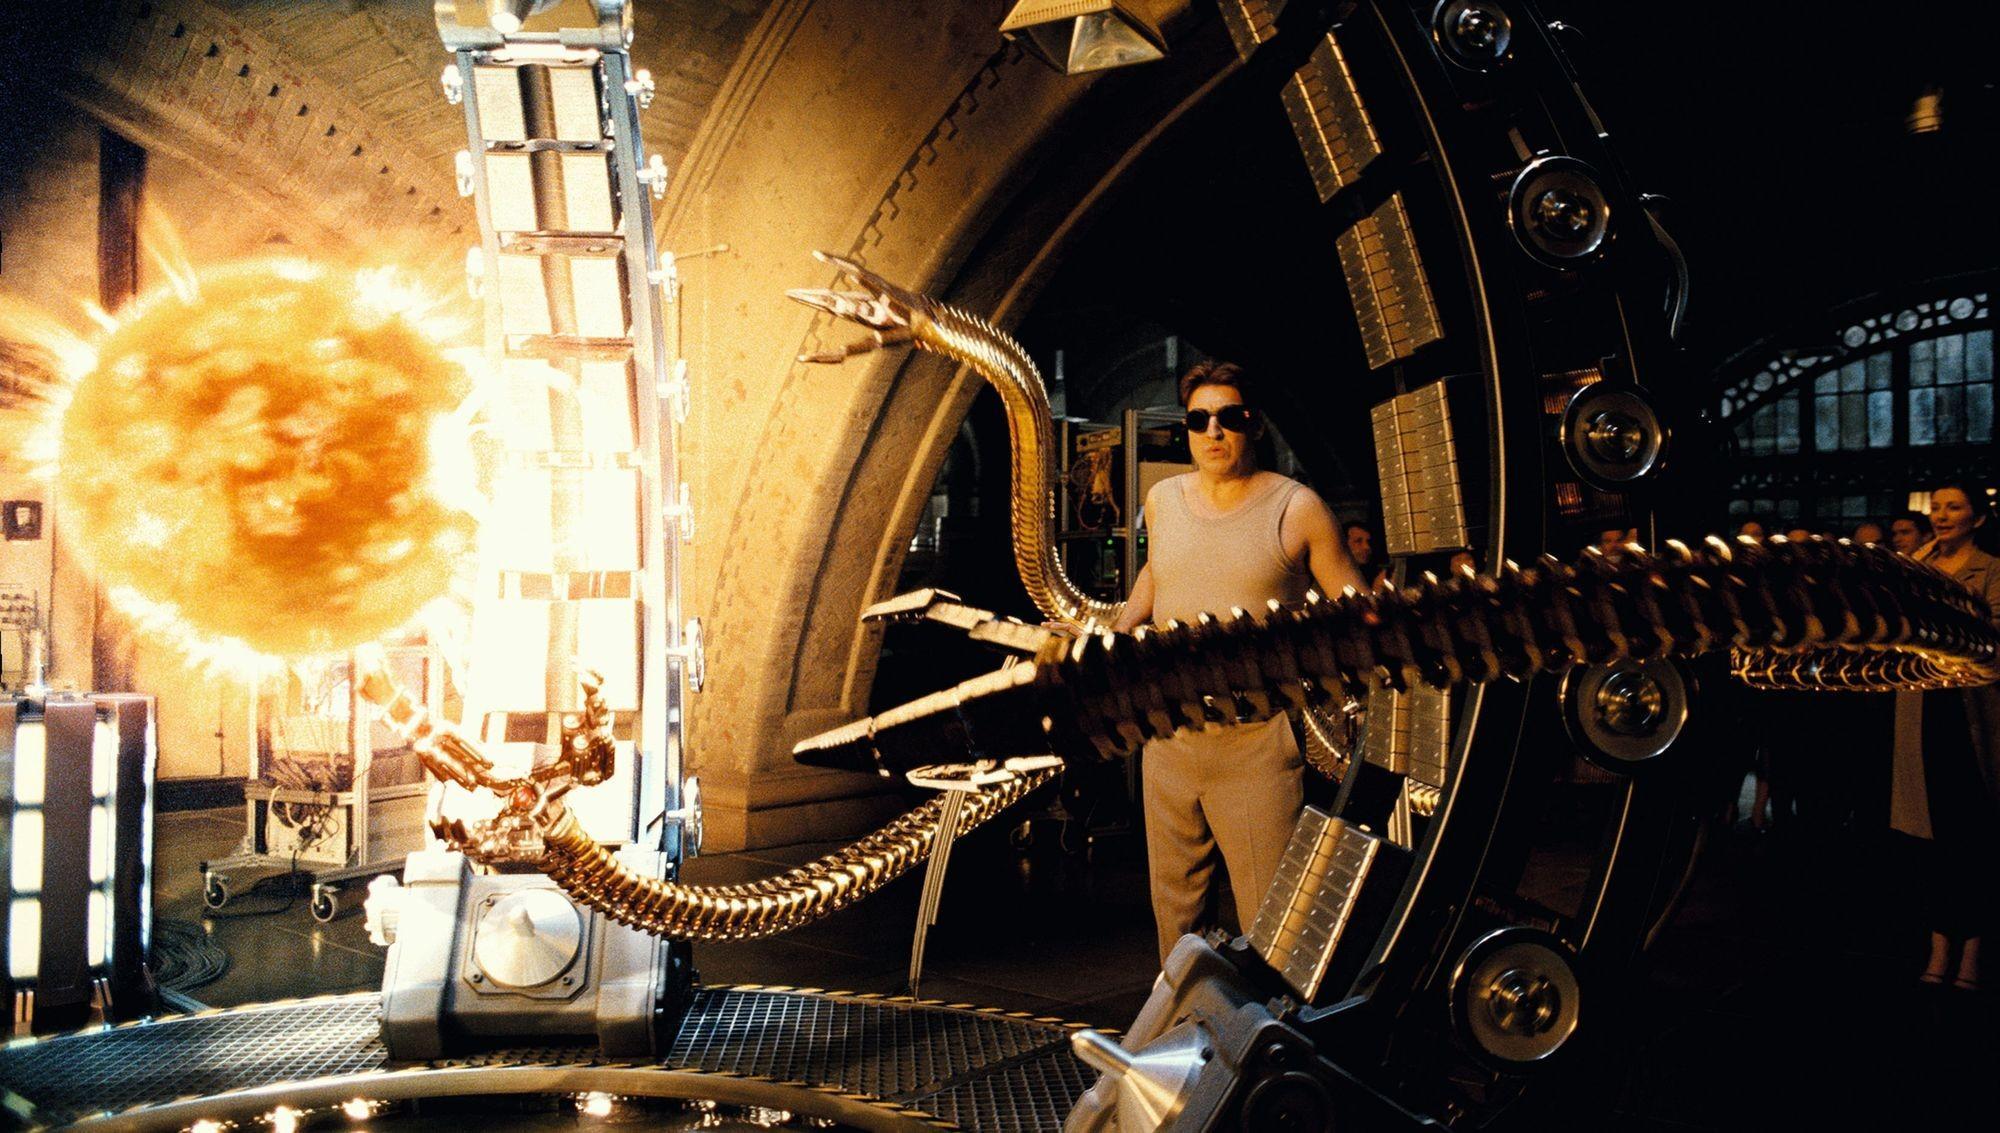 Dans le film Spiderman 2, de Sam Raimi, le Docteur Octavius crée une étoile en laboratoire pour disposer d'une source d'énergie quasi inépuisable.